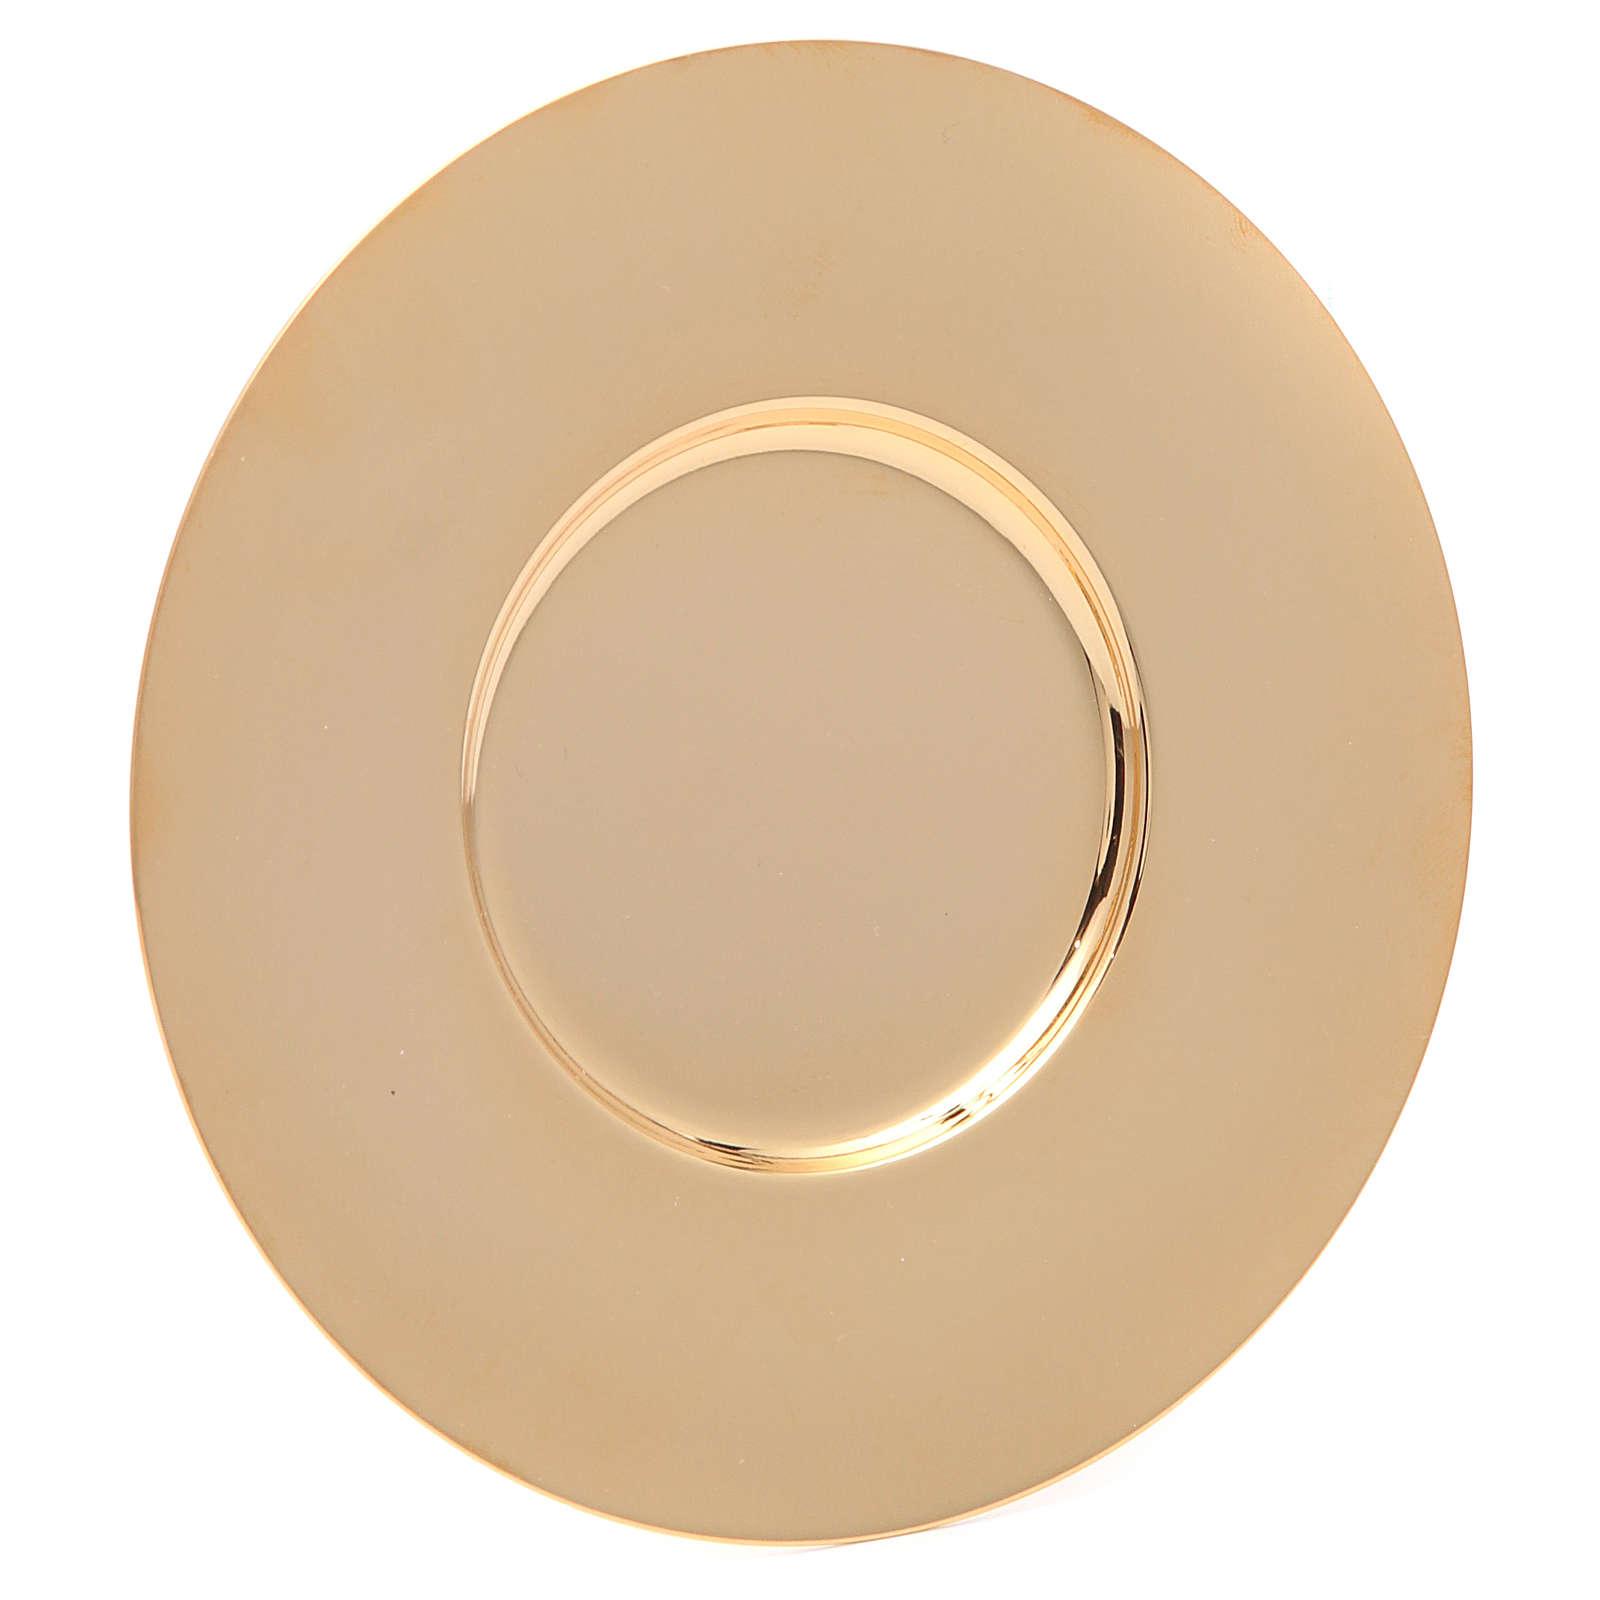 Patena en latón dorado lúcida y perfilada de diámetro 16 cm 4